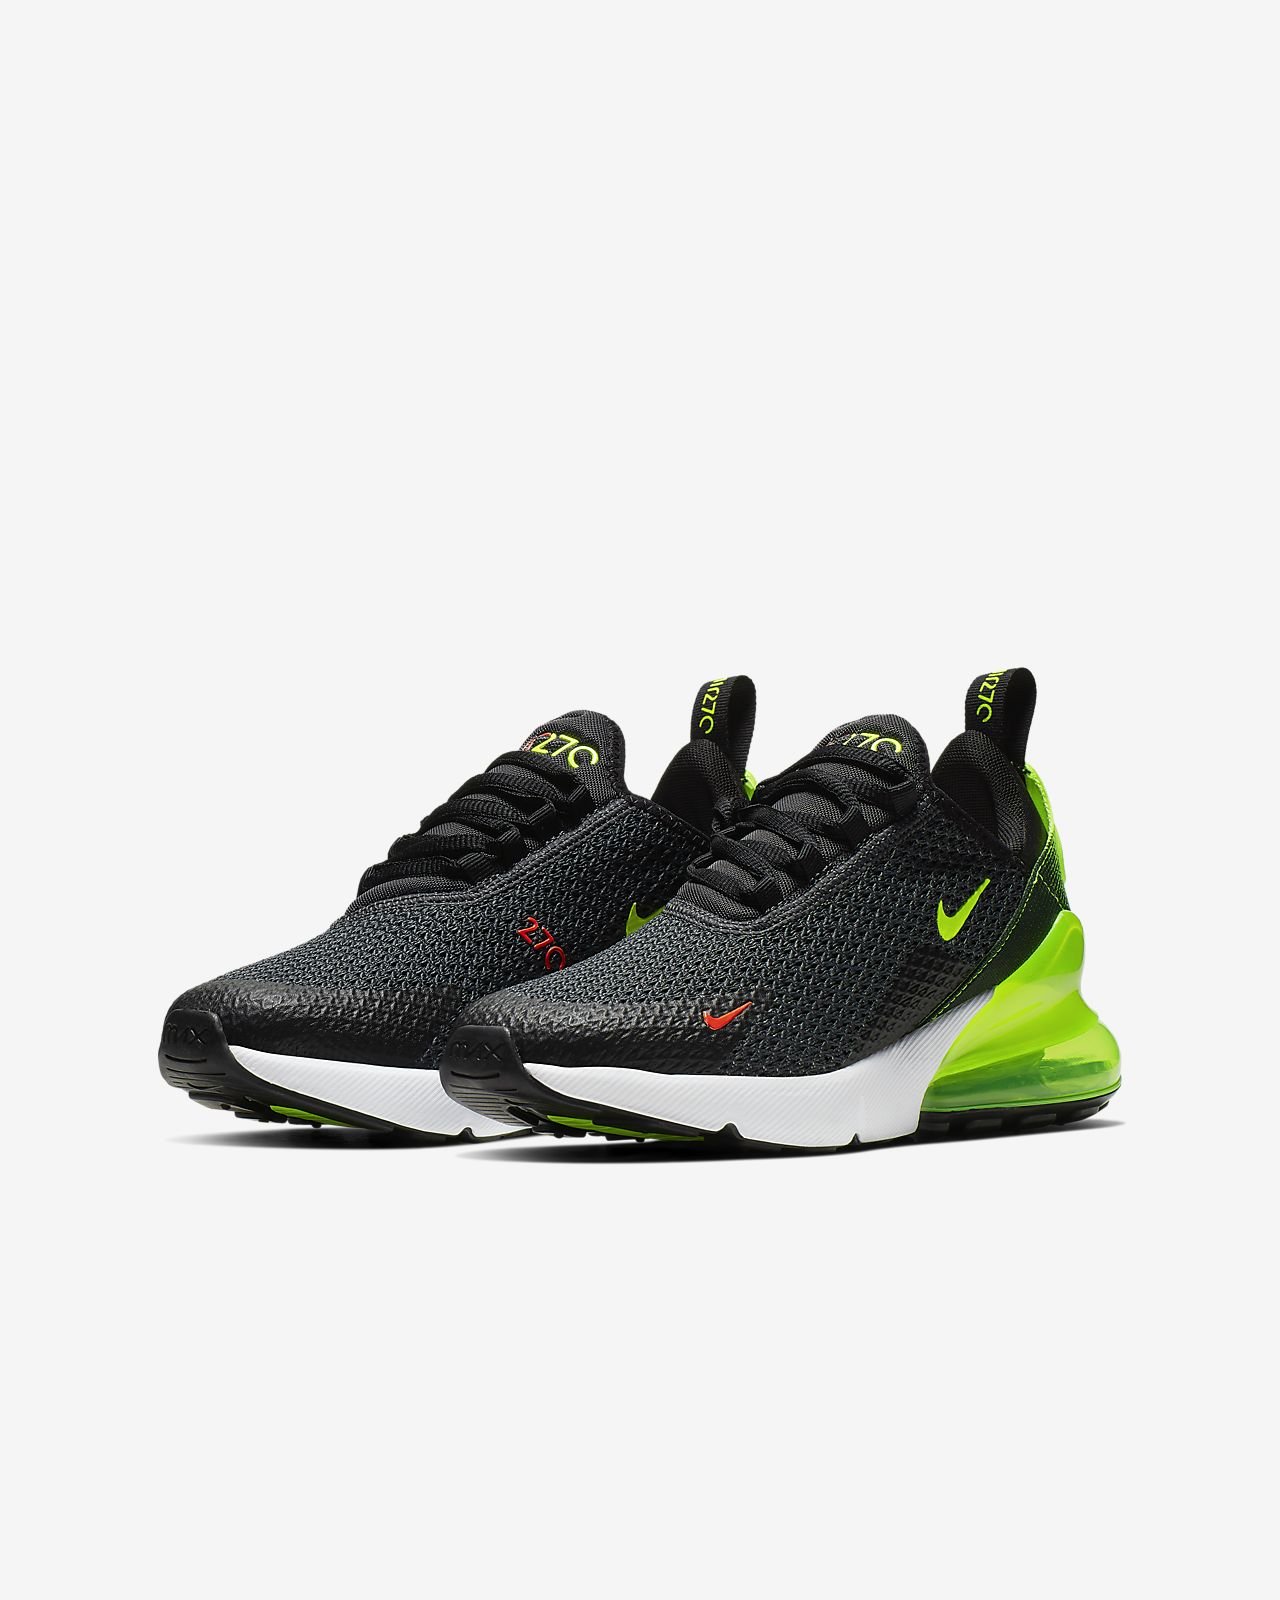 cheaper 6abe8 09a3a Nike Air Max 270